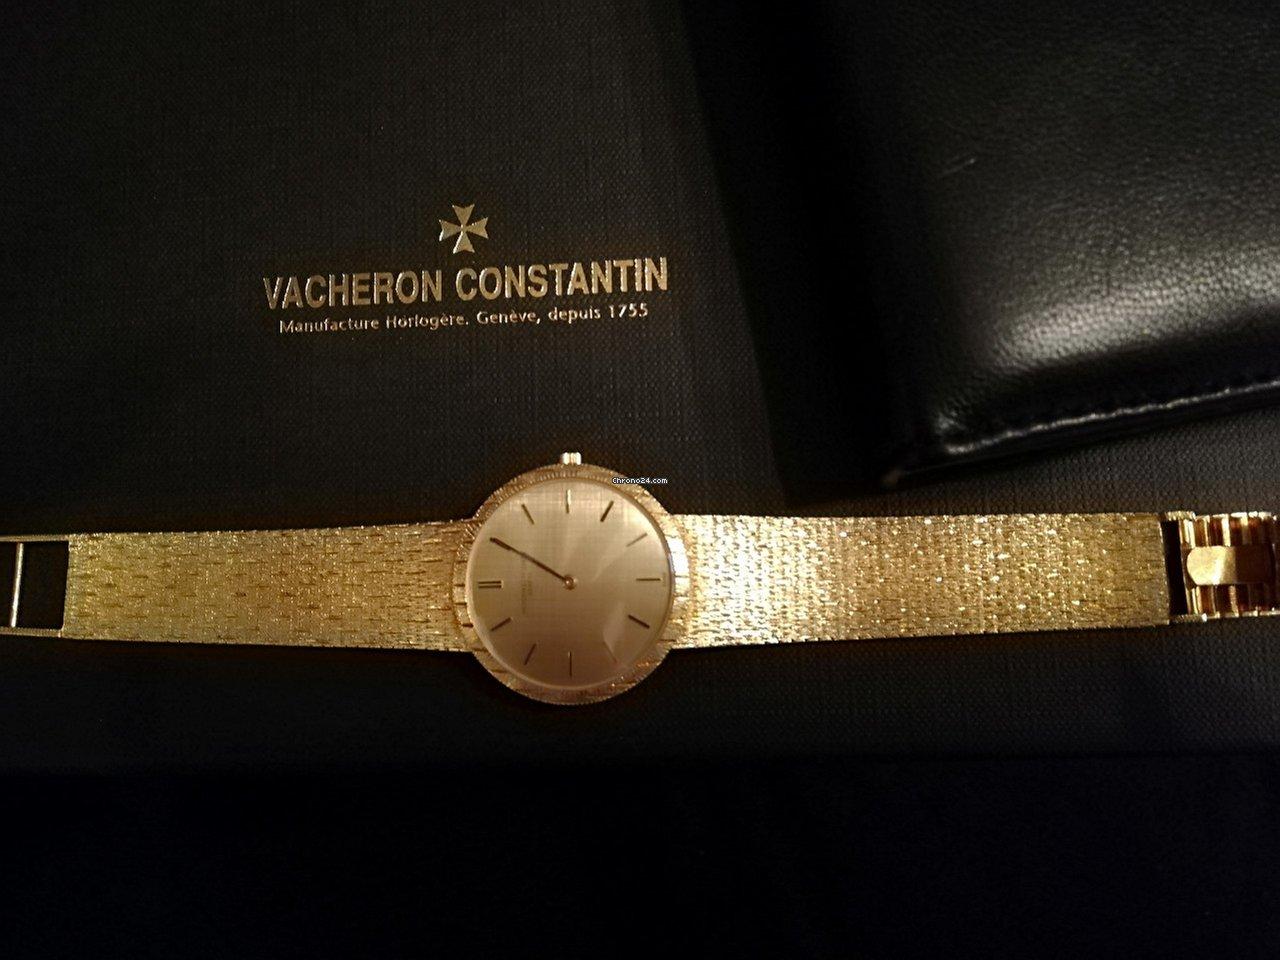 Új órák kedvező áron a Chrono24-en 813ad24a63